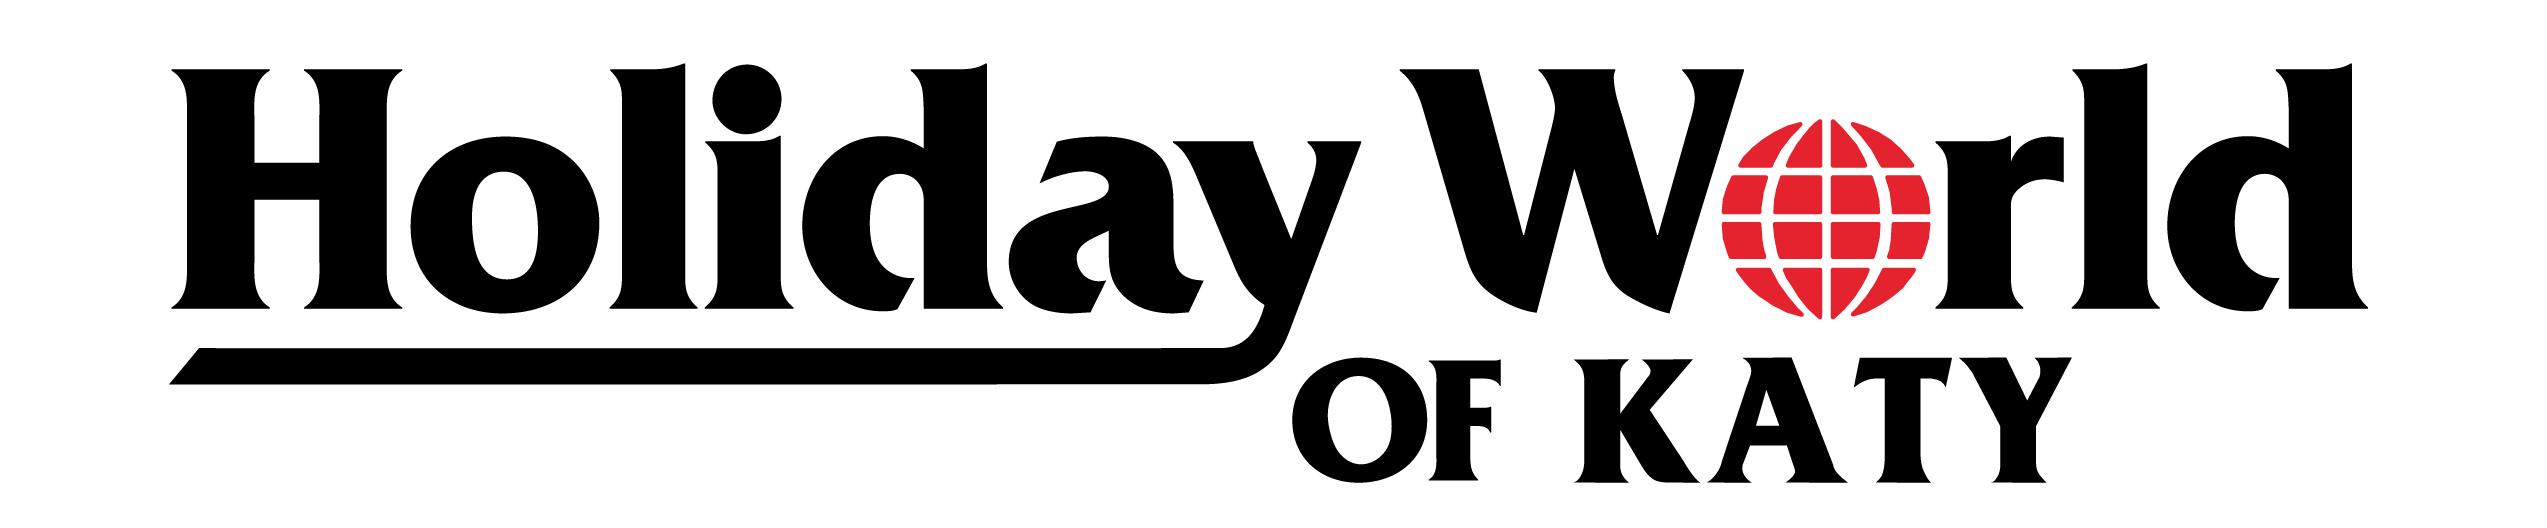 Holiday World of Katy